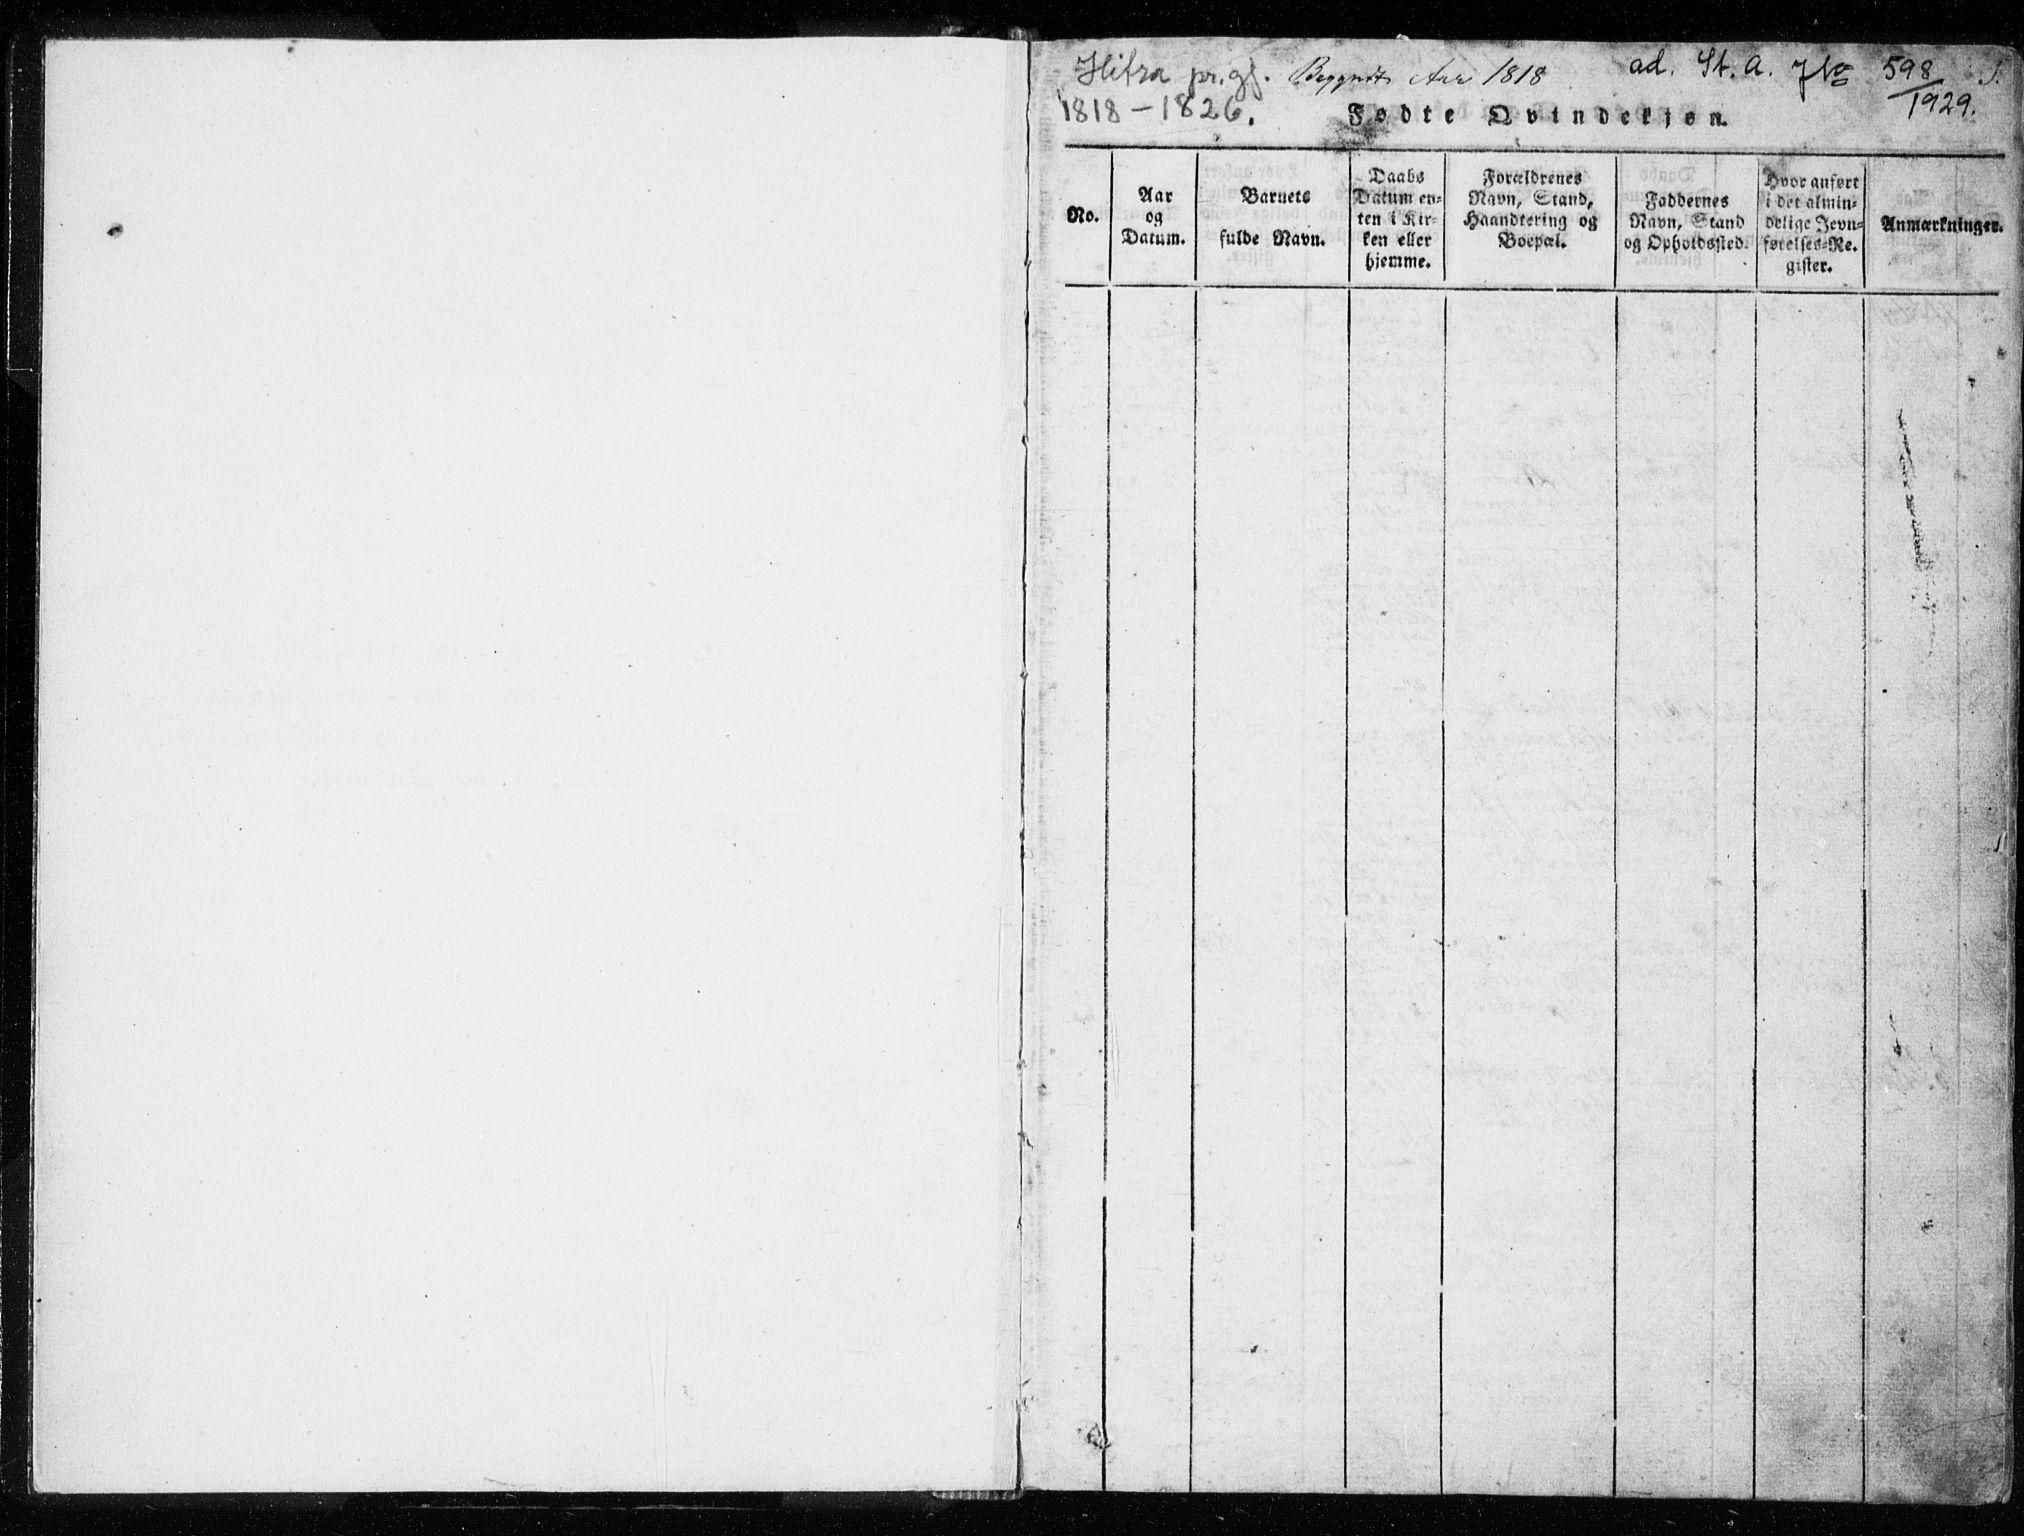 SAT, Ministerialprotokoller, klokkerbøker og fødselsregistre - Sør-Trøndelag, 634/L0527: Ministerialbok nr. 634A03, 1818-1826, s. 1